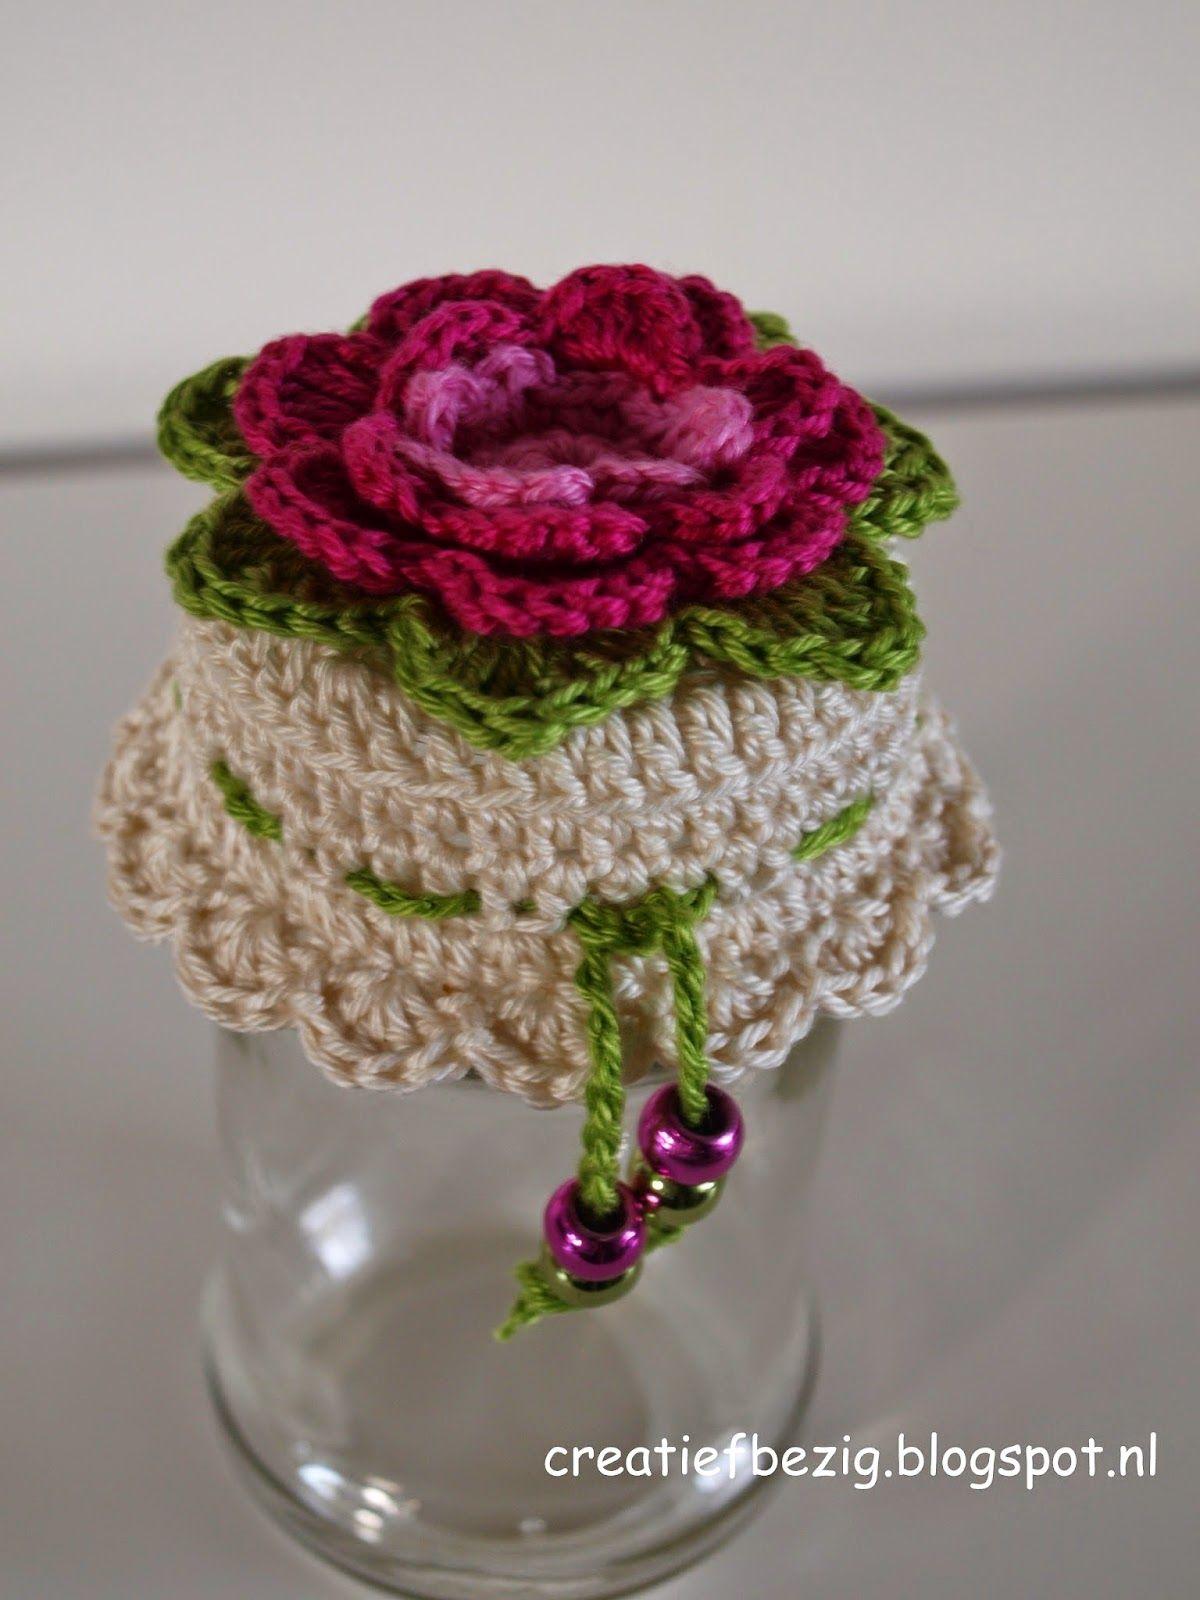 Haakpatroon Deksel Potje Met Bloem Crochet Jar Lid Cover Free